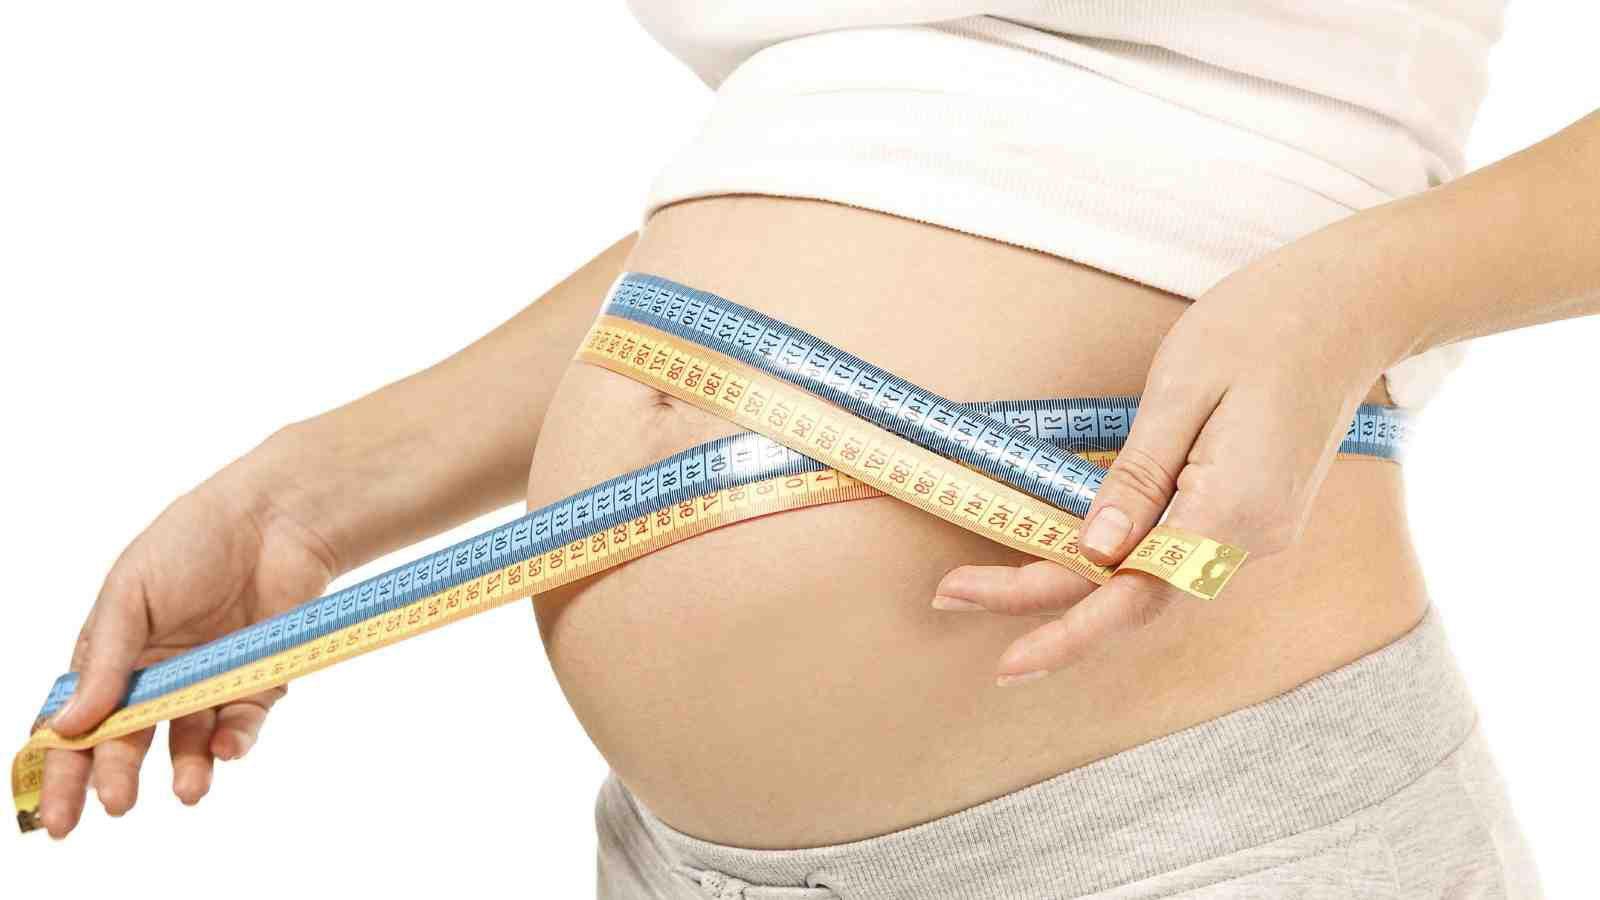 Чим небезпечне многоводие при вагітності? Симптоми і наслідки патології. Особливості лікування захворювання